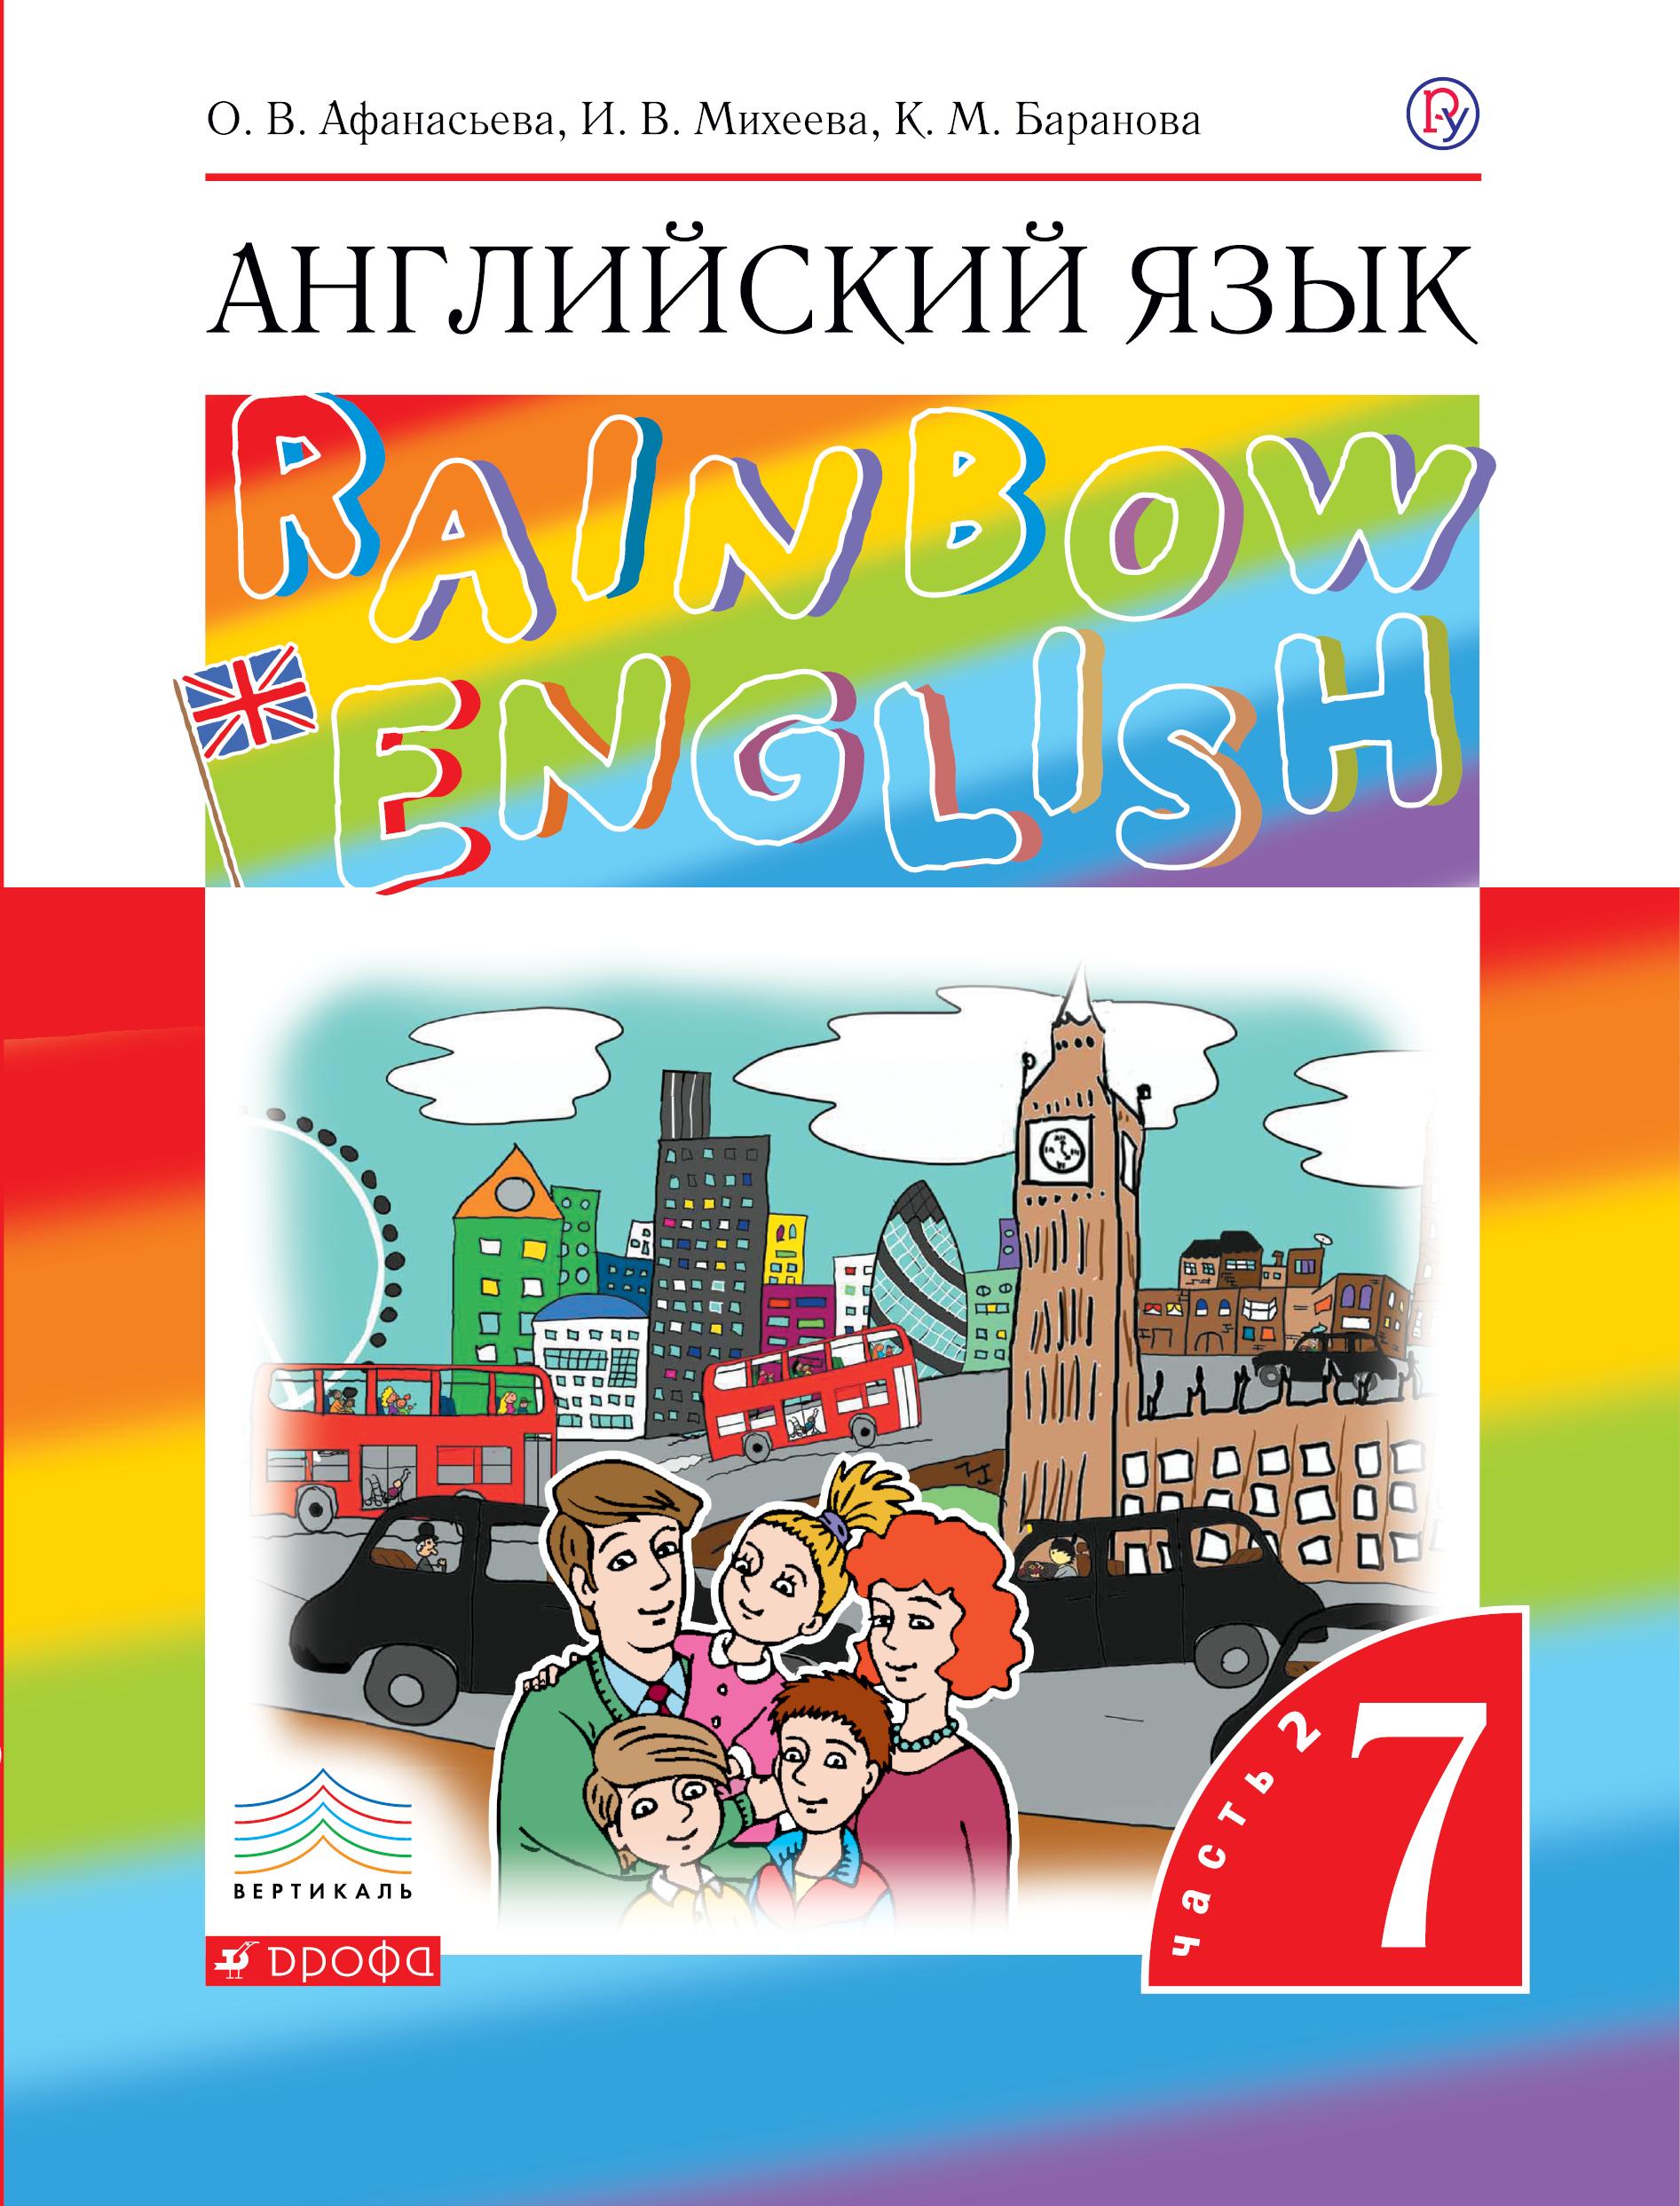 ПООП. Английский язык. 7 класс. В двух частях. Часть 2. Учебник. Английский язык. 7 класс. В частях. 2 часть.